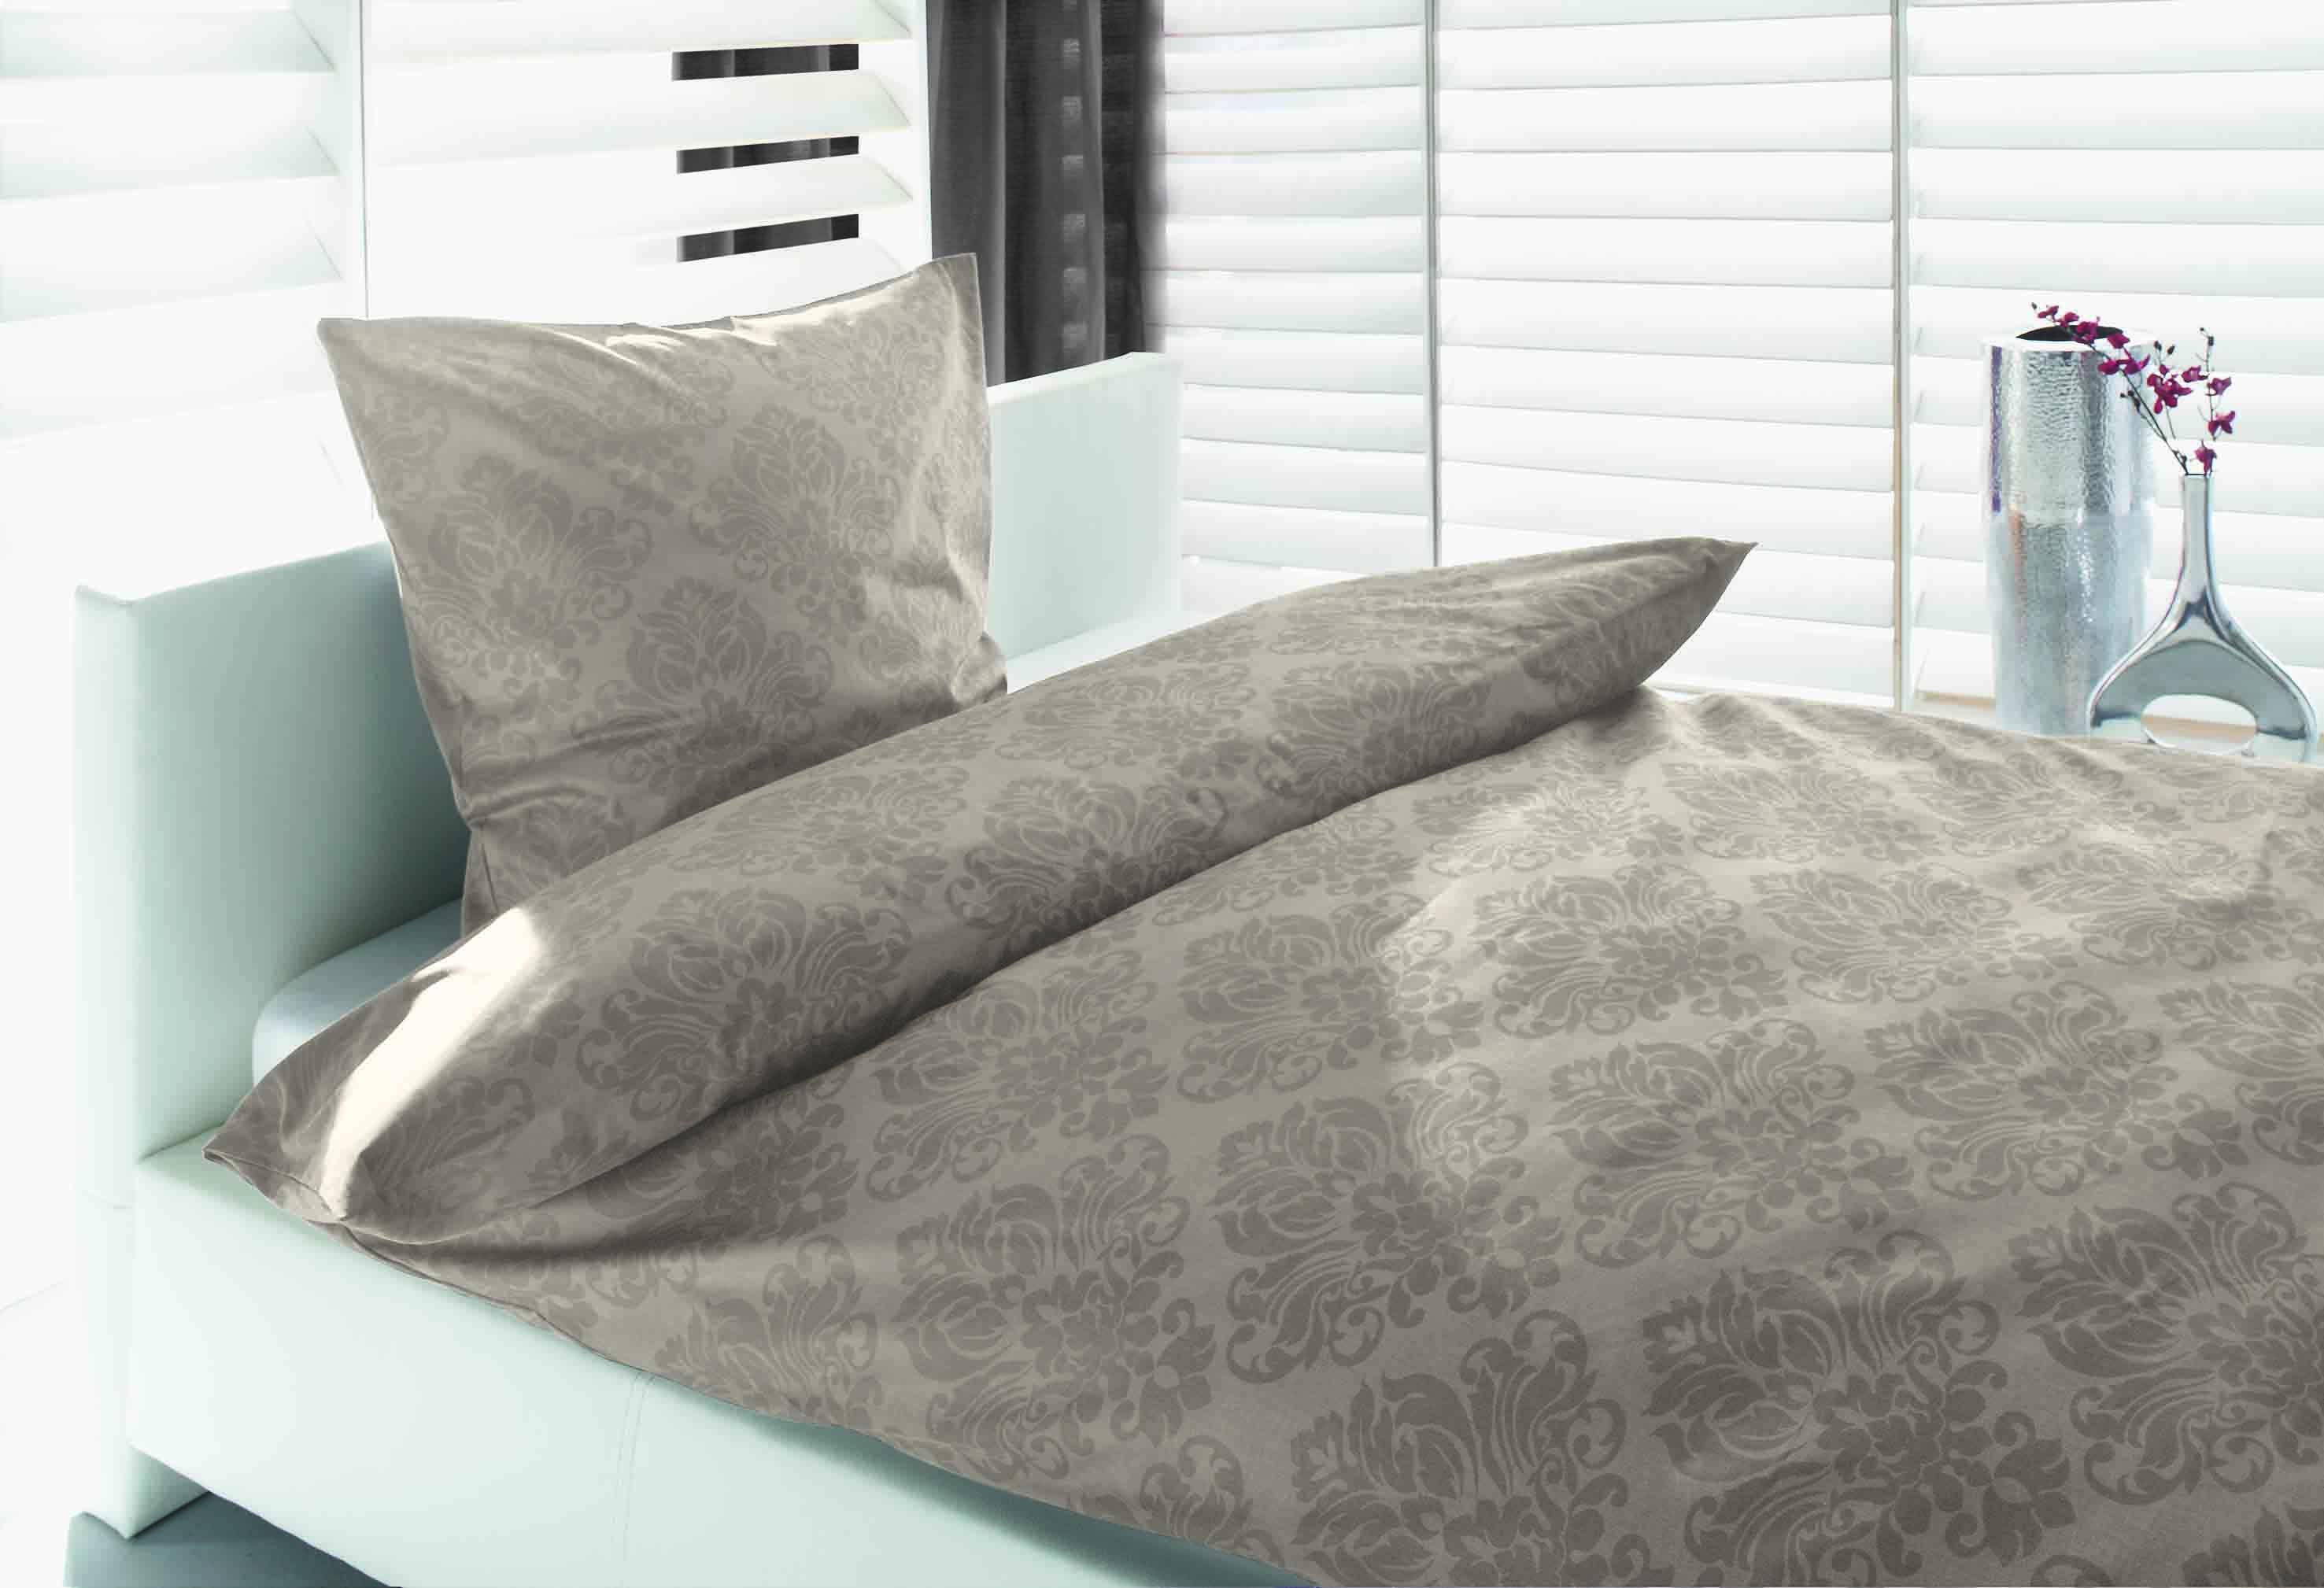 barock bettw sche von fussenegger heimtextilien gmbh. Black Bedroom Furniture Sets. Home Design Ideas